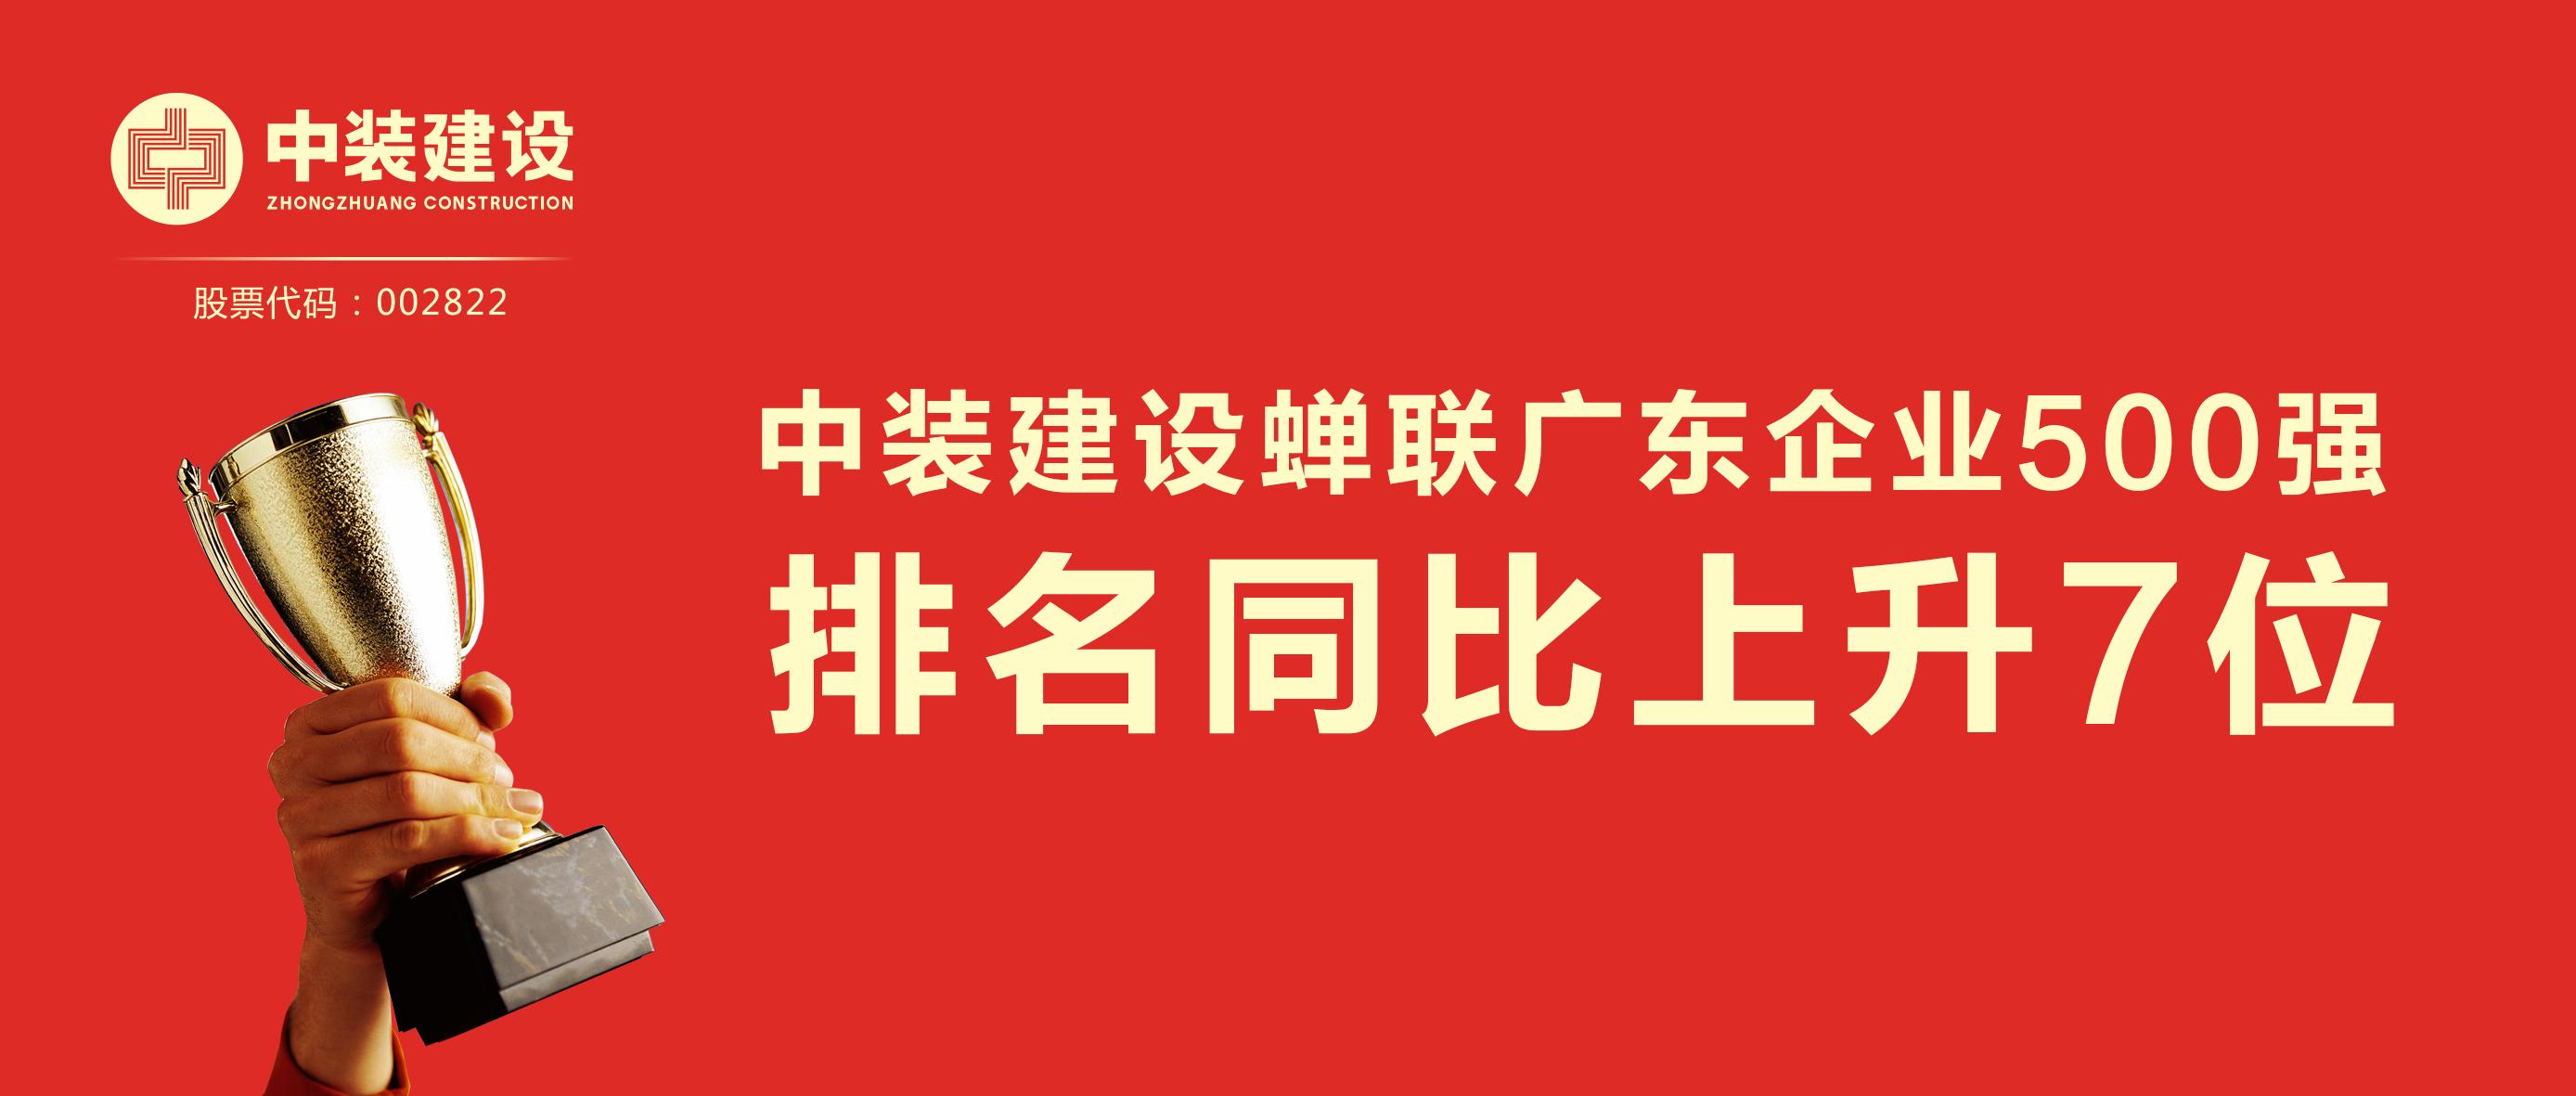 汇盈娱乐平台注册蝉联广东企业500强 排名同比上升7位